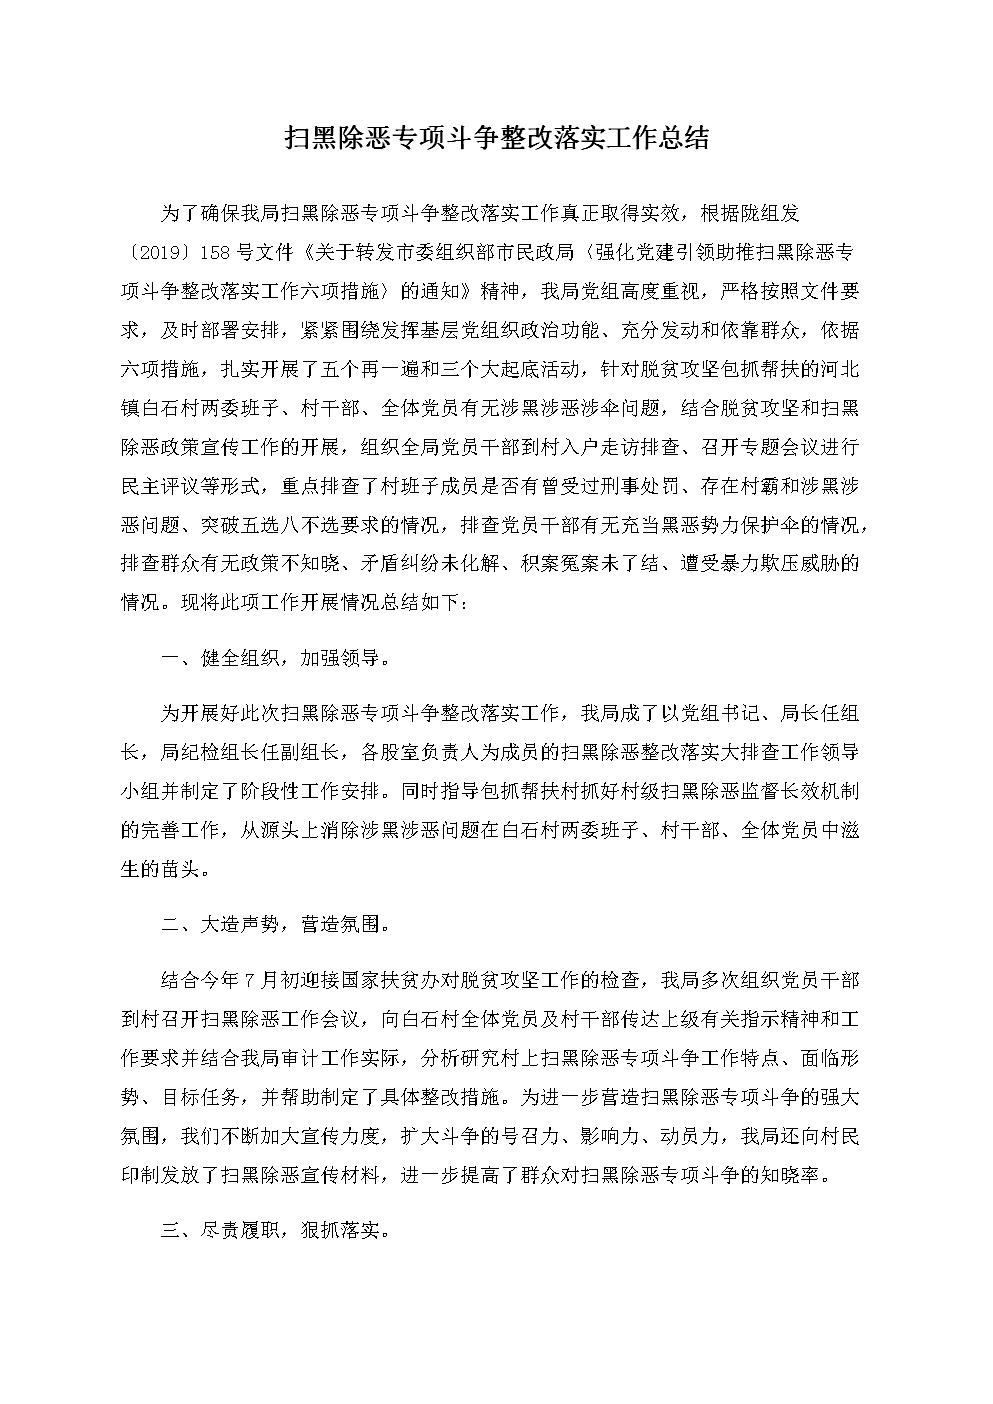 扫黑除恶专项斗争整改落实工作总结.docx